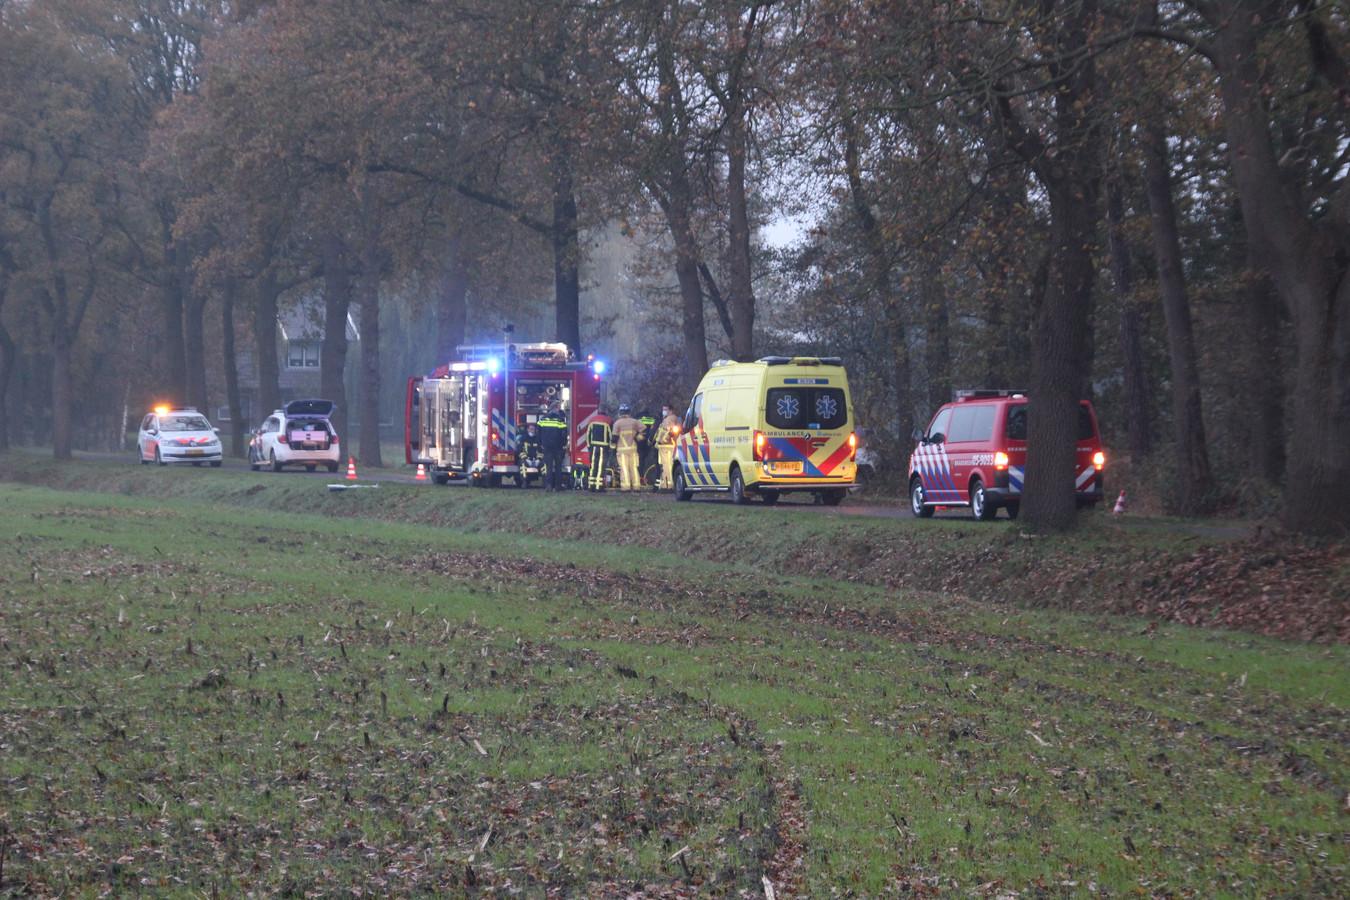 De door de Haaksbergenaar bestuurde auto reed direct naast de weg tegen een boom.